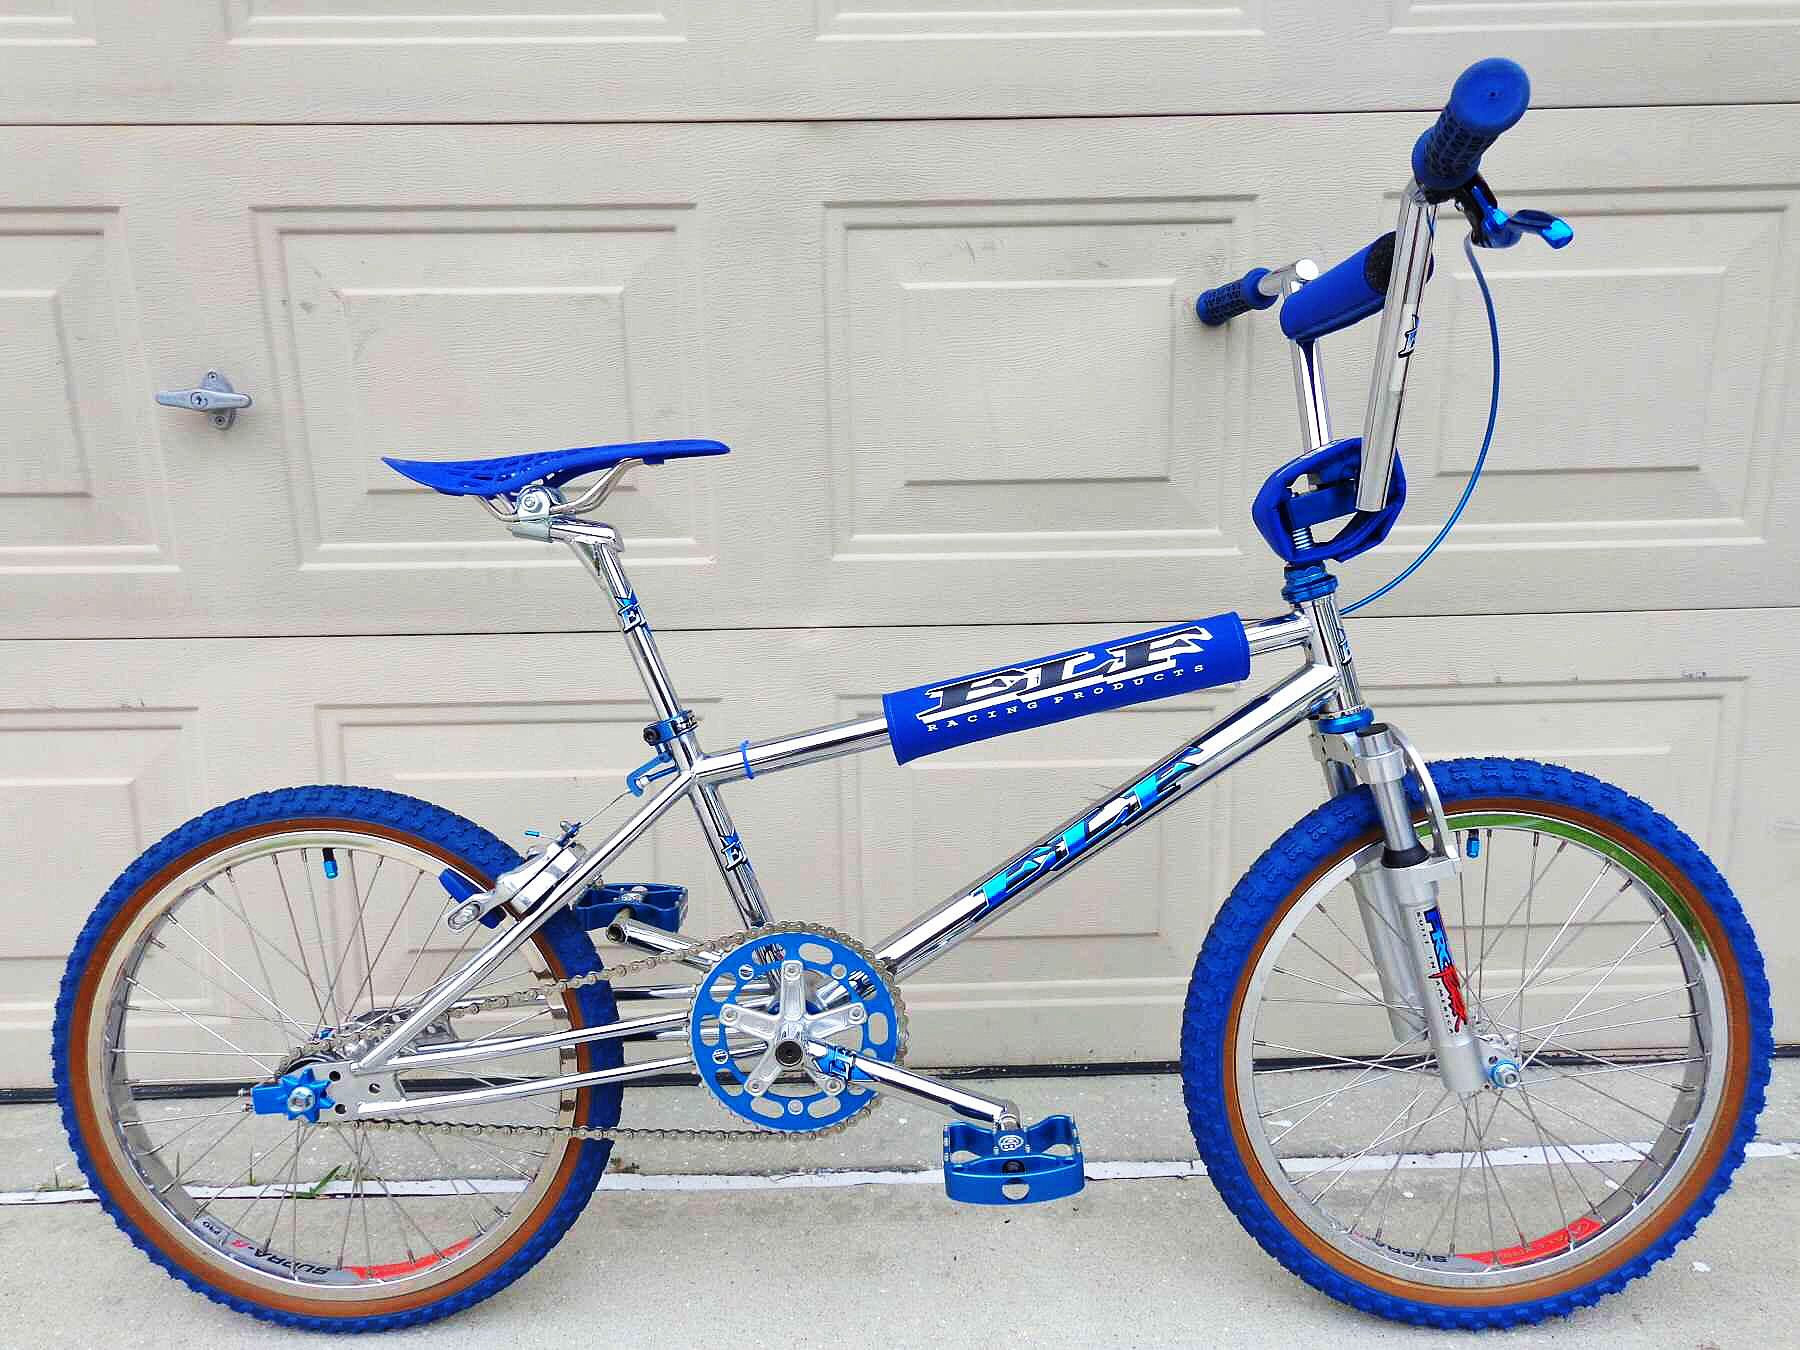 1993 Elf Doublecross Xl Vintage Bmx Bikes Bmx Bicycle Bmx Bikes